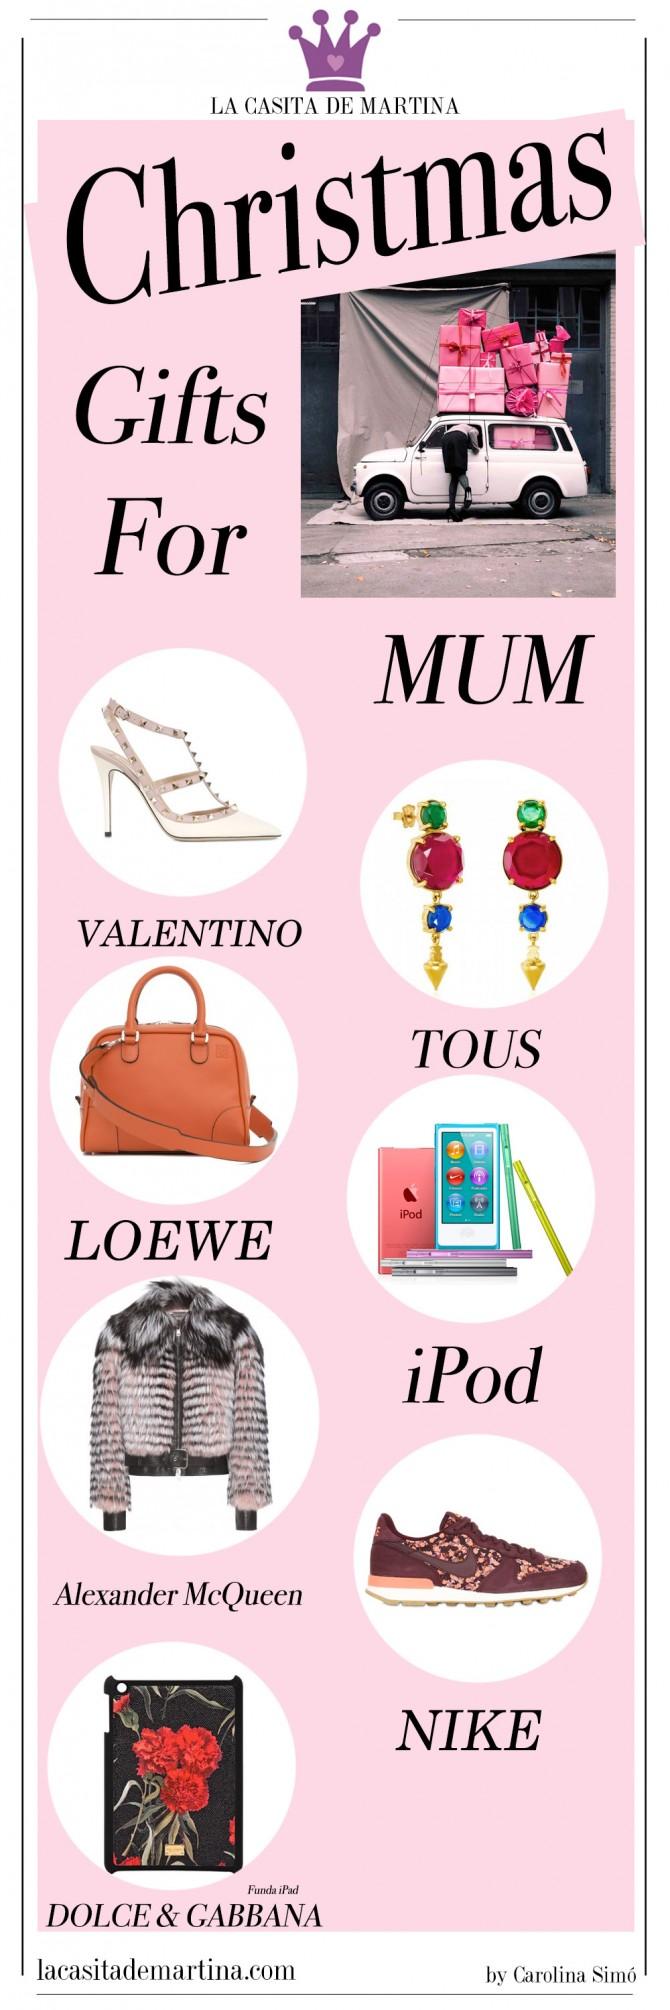 Regalos Navidad, Loewe, Tous,  Zapatos Valentino, Blog Moda Infantil, La casita de Martina